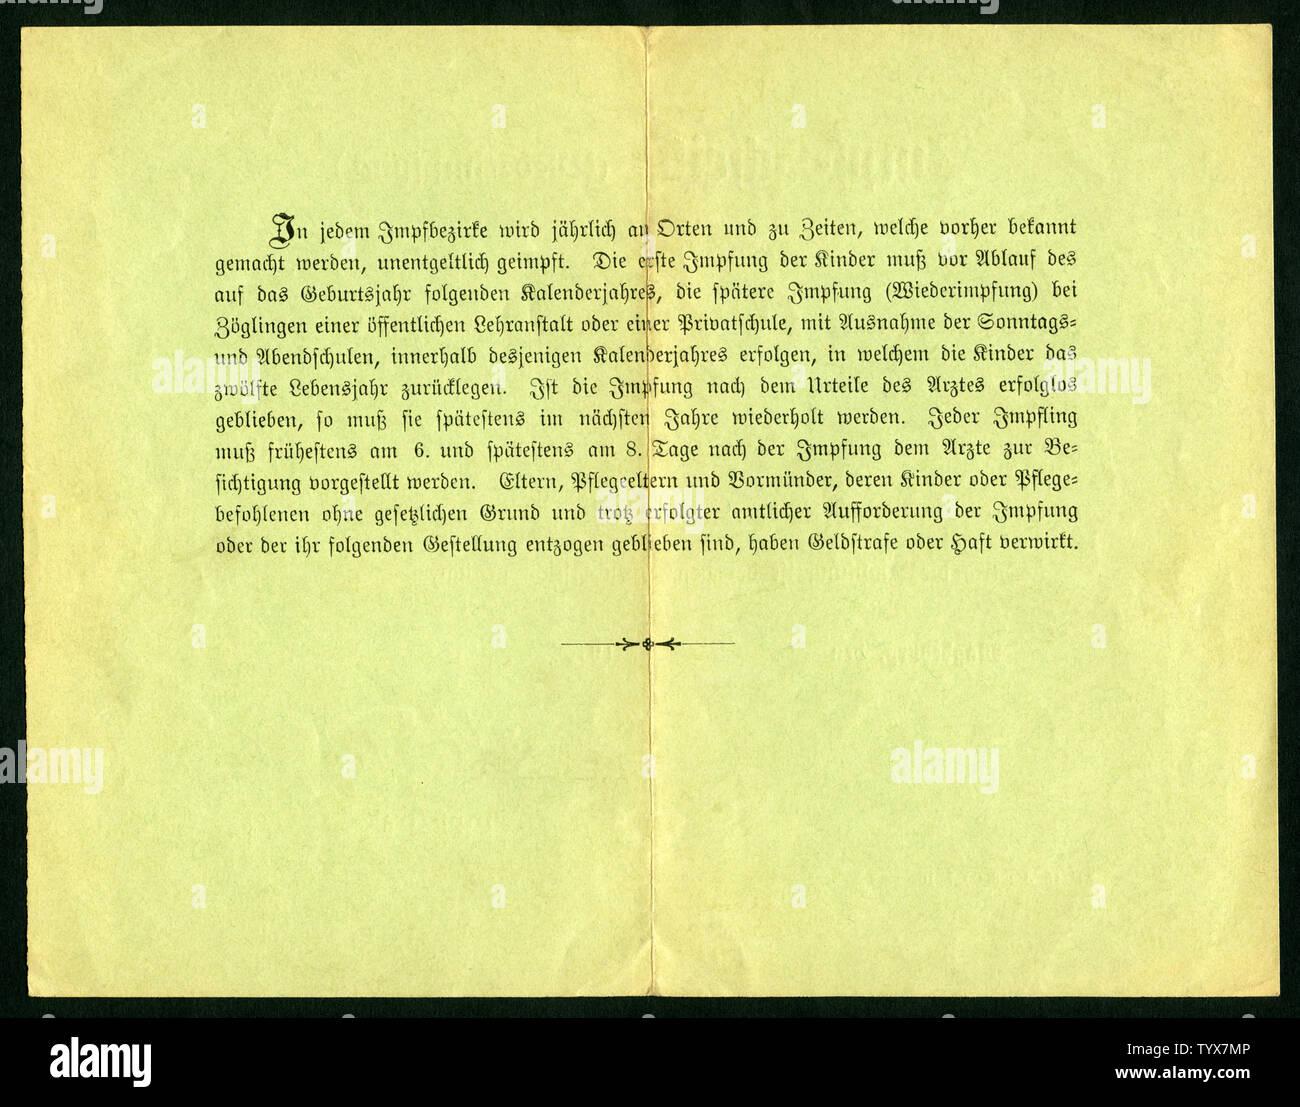 Europa, Deutschland, Sachsen-Anhalt, Magdeburg, grüner Impfschein ( Wiederimpfung ), Rückseite, ausgestellt am 12. 05. 1911 , siehe auch Nr. 1006001 . Stock Photo